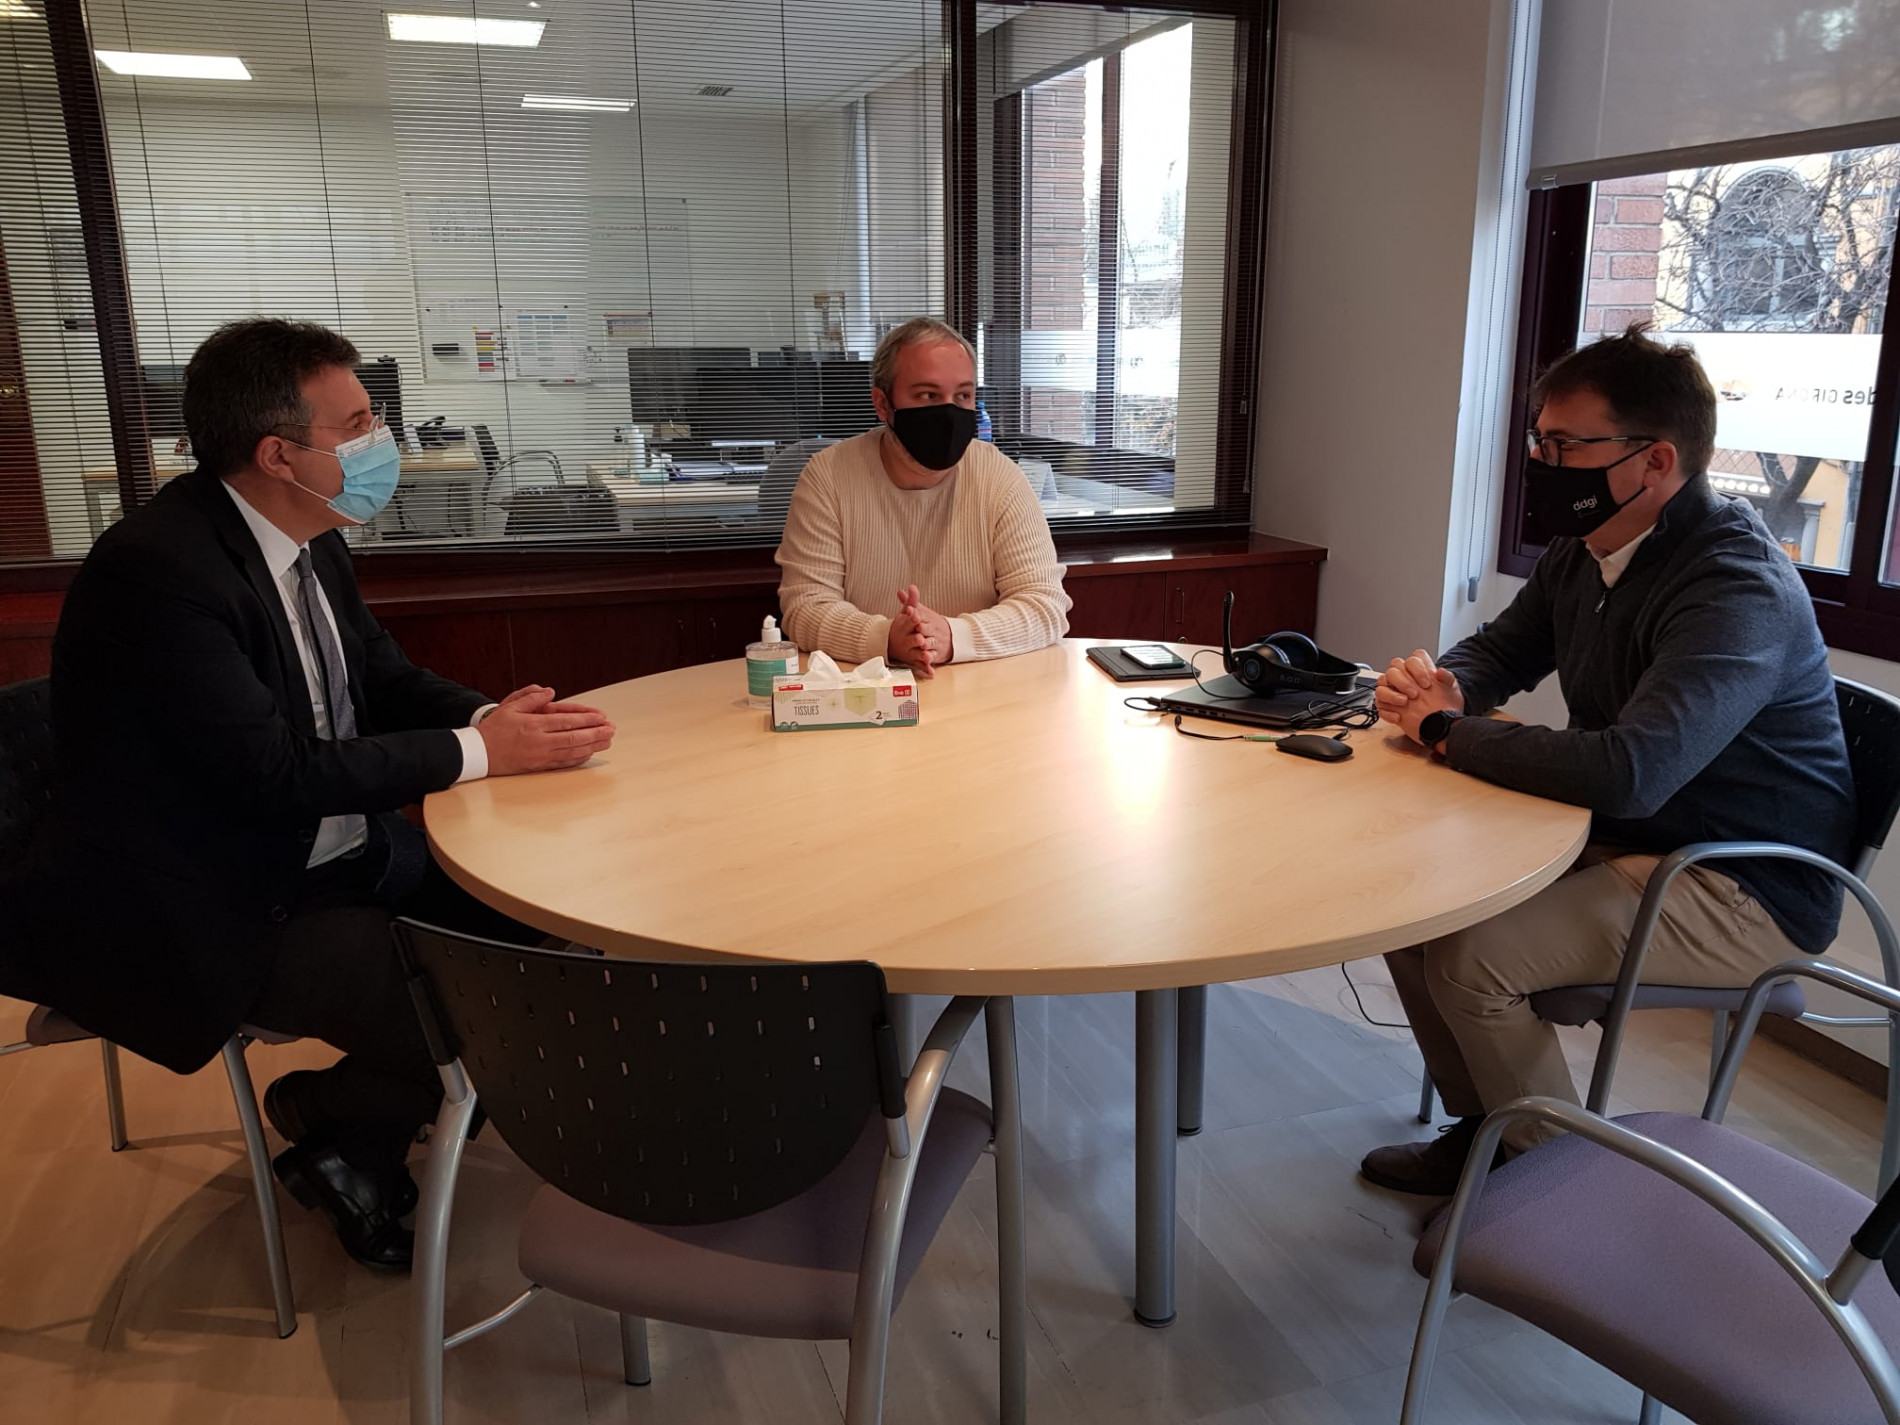 visita del president de la Diputació a les oficines del Consorci